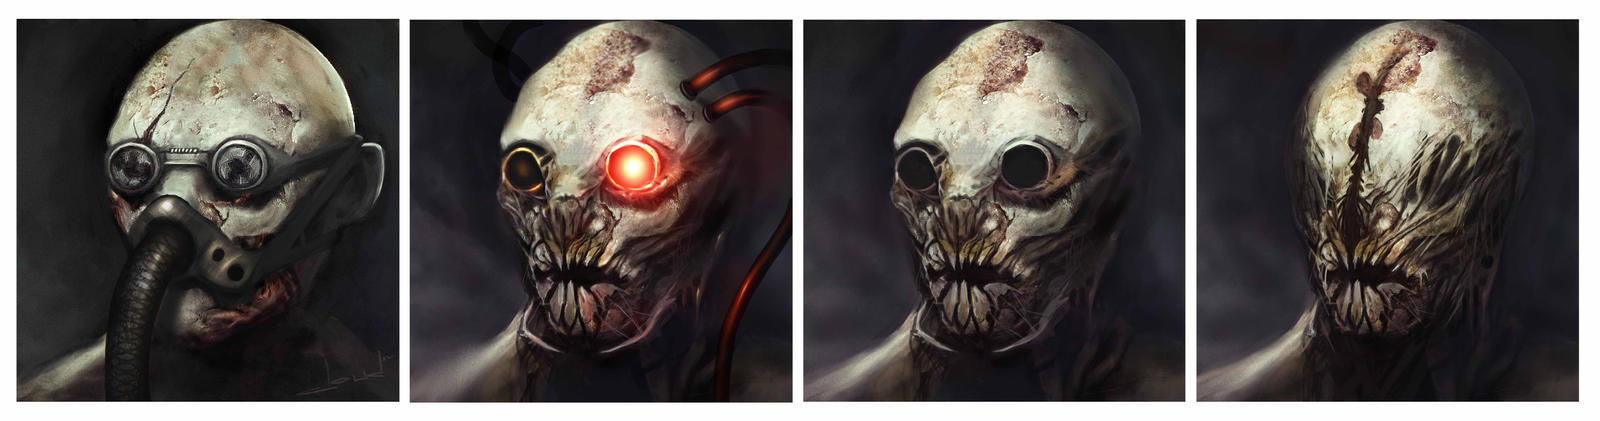 War Machine Engineers by Darkcloud013